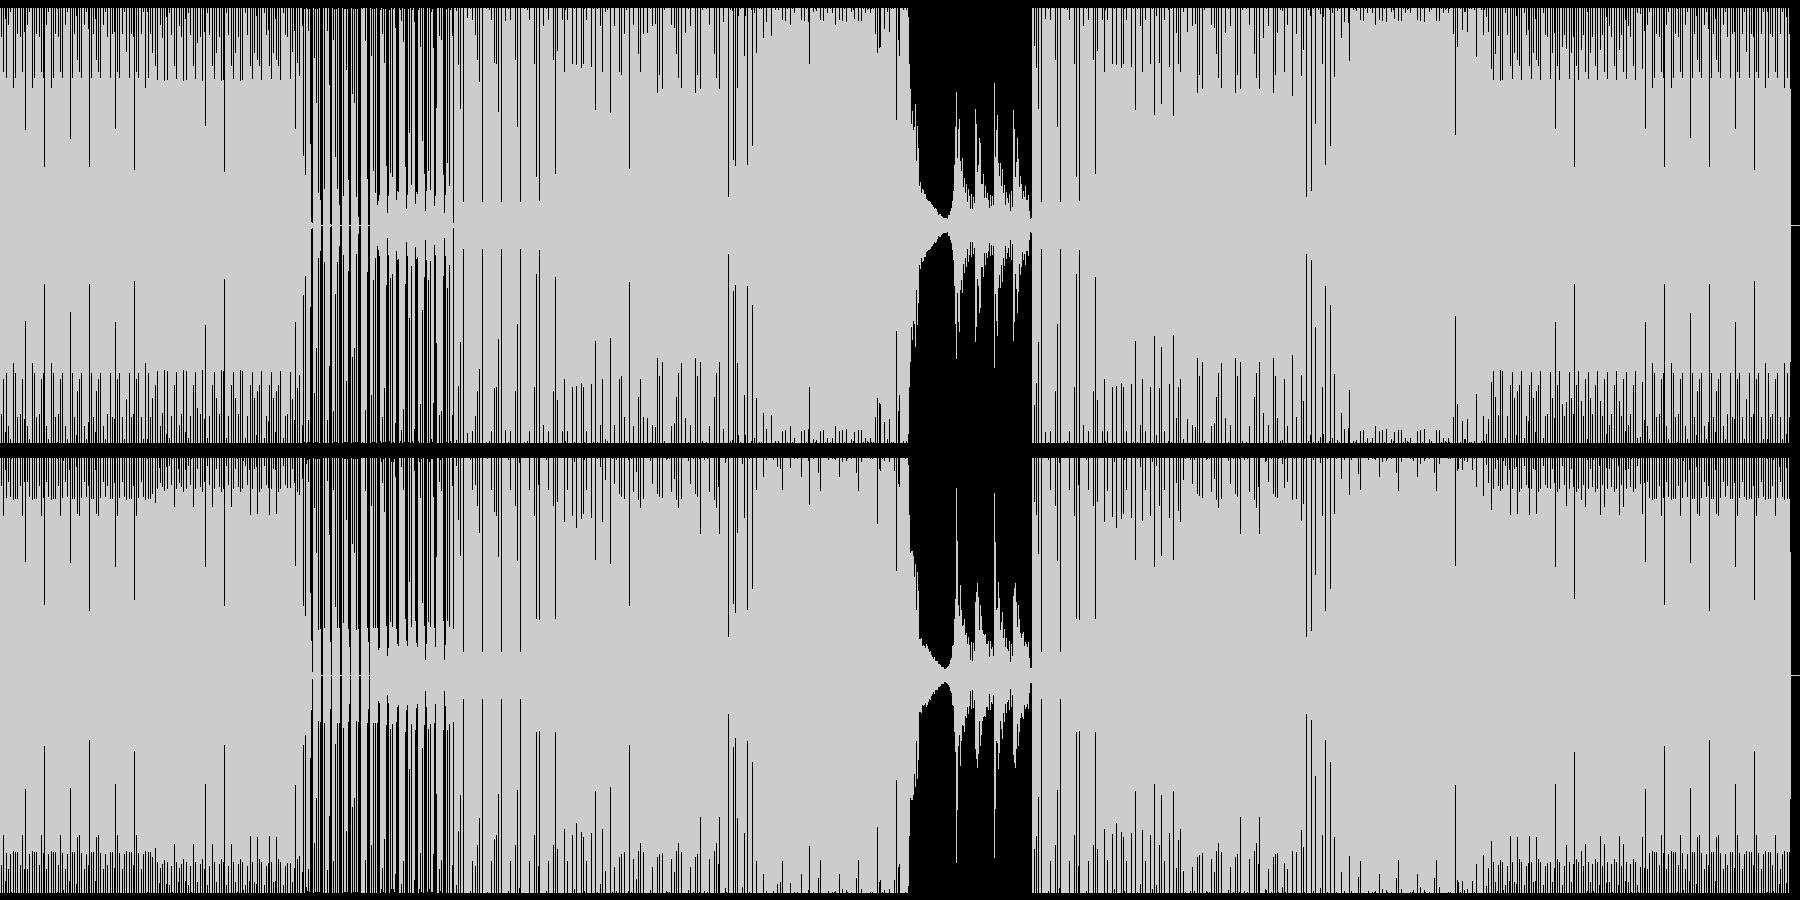 長いイントログルーブとパーカッショ...の未再生の波形